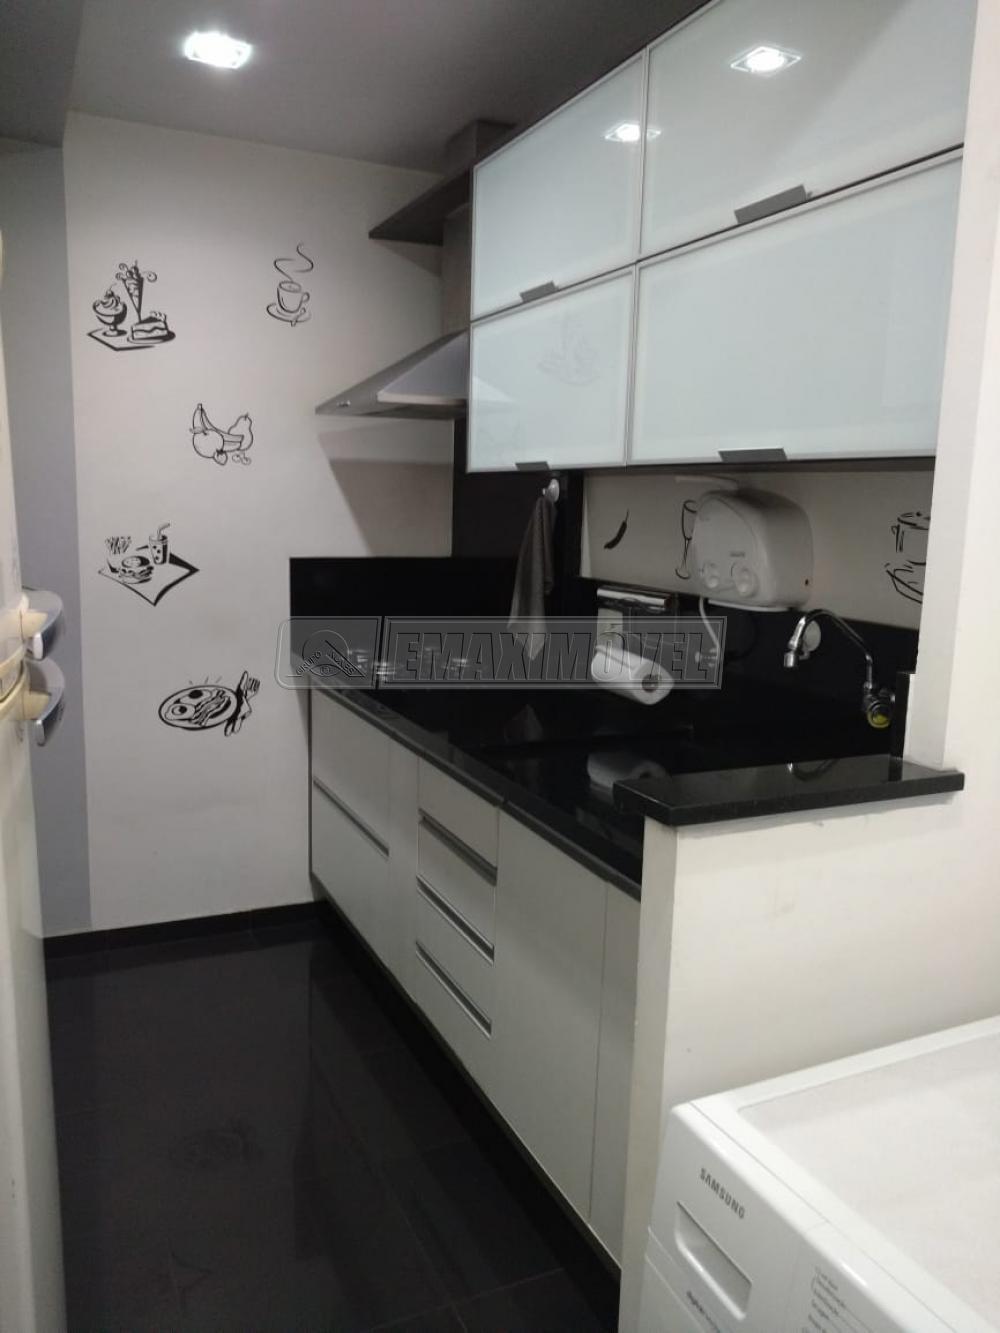 Comprar Apartamentos / Apto Padrão em Sorocaba apenas R$ 260.000,00 - Foto 11